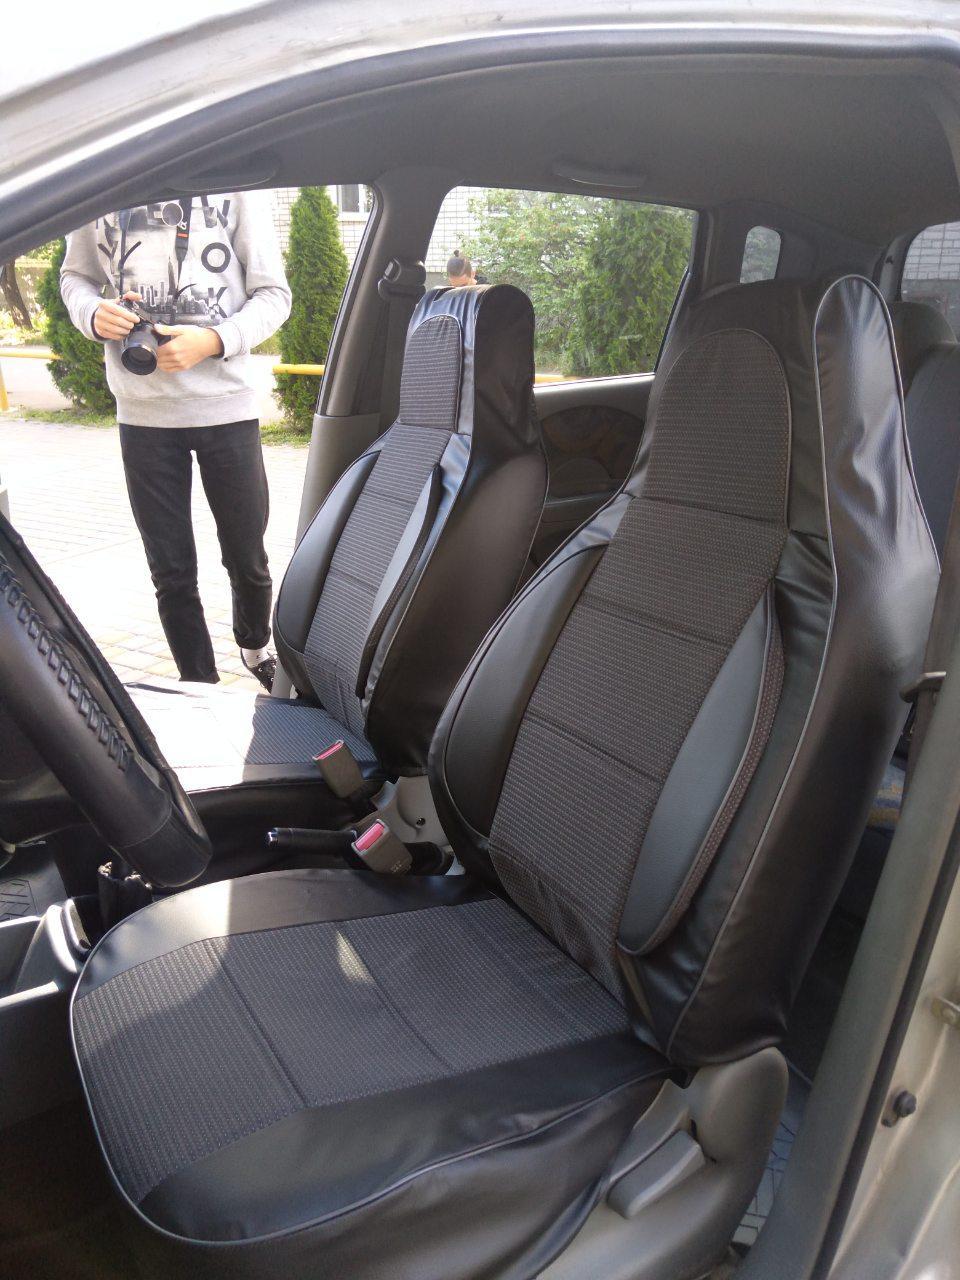 Чохли на сидіння Ніссан Примастар Ван (Nissan Primastar Van) 1+1 (універсальні, кожзам+автоткань, пілот)